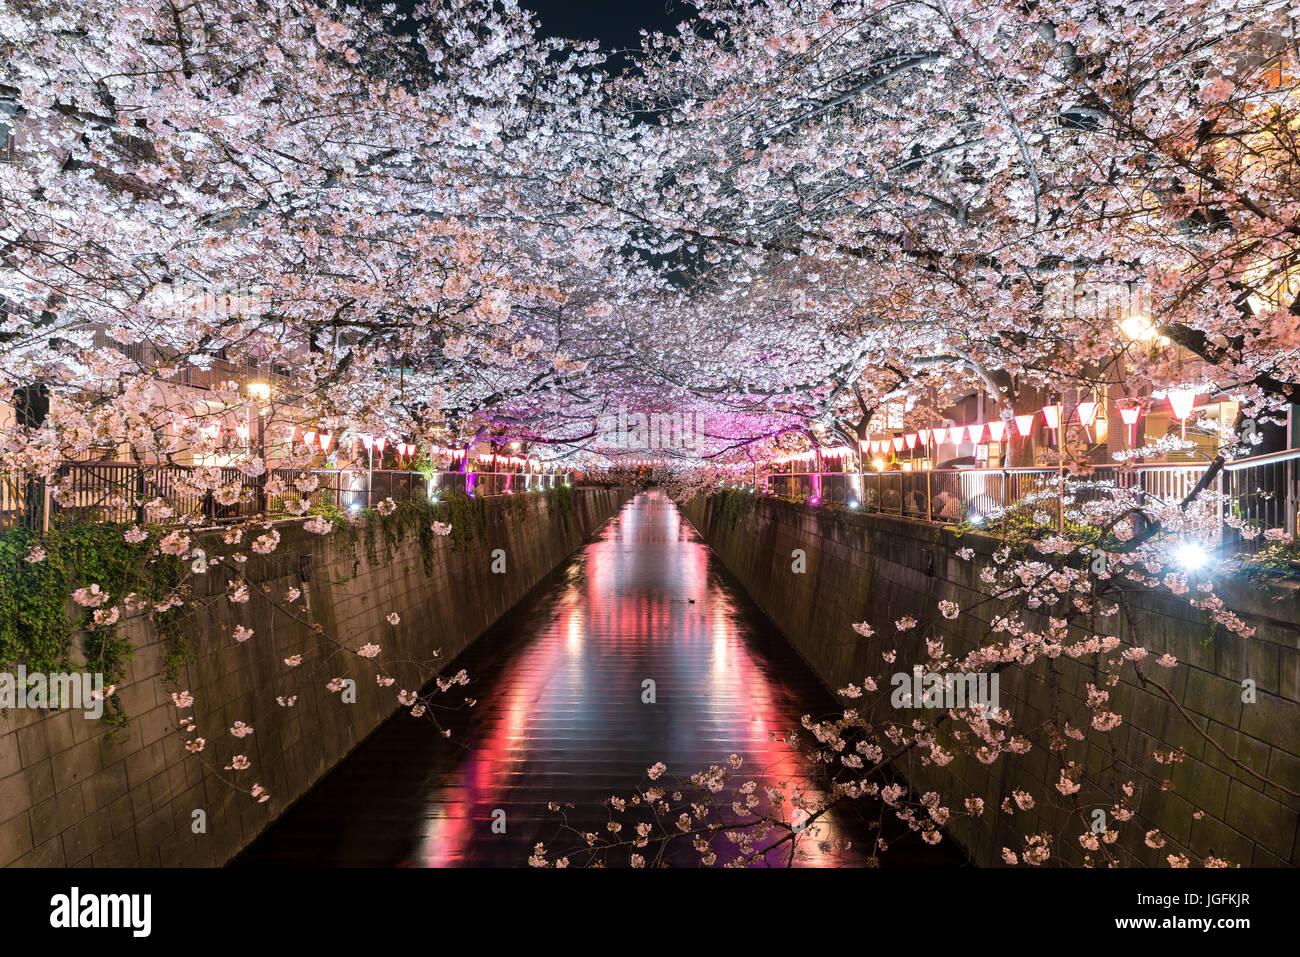 Fiore di Ciliegio rivestito Meguro Canal di notte a Tokyo in Giappone. Primavera in aprile a Tokyo in Giappone. Immagini Stock